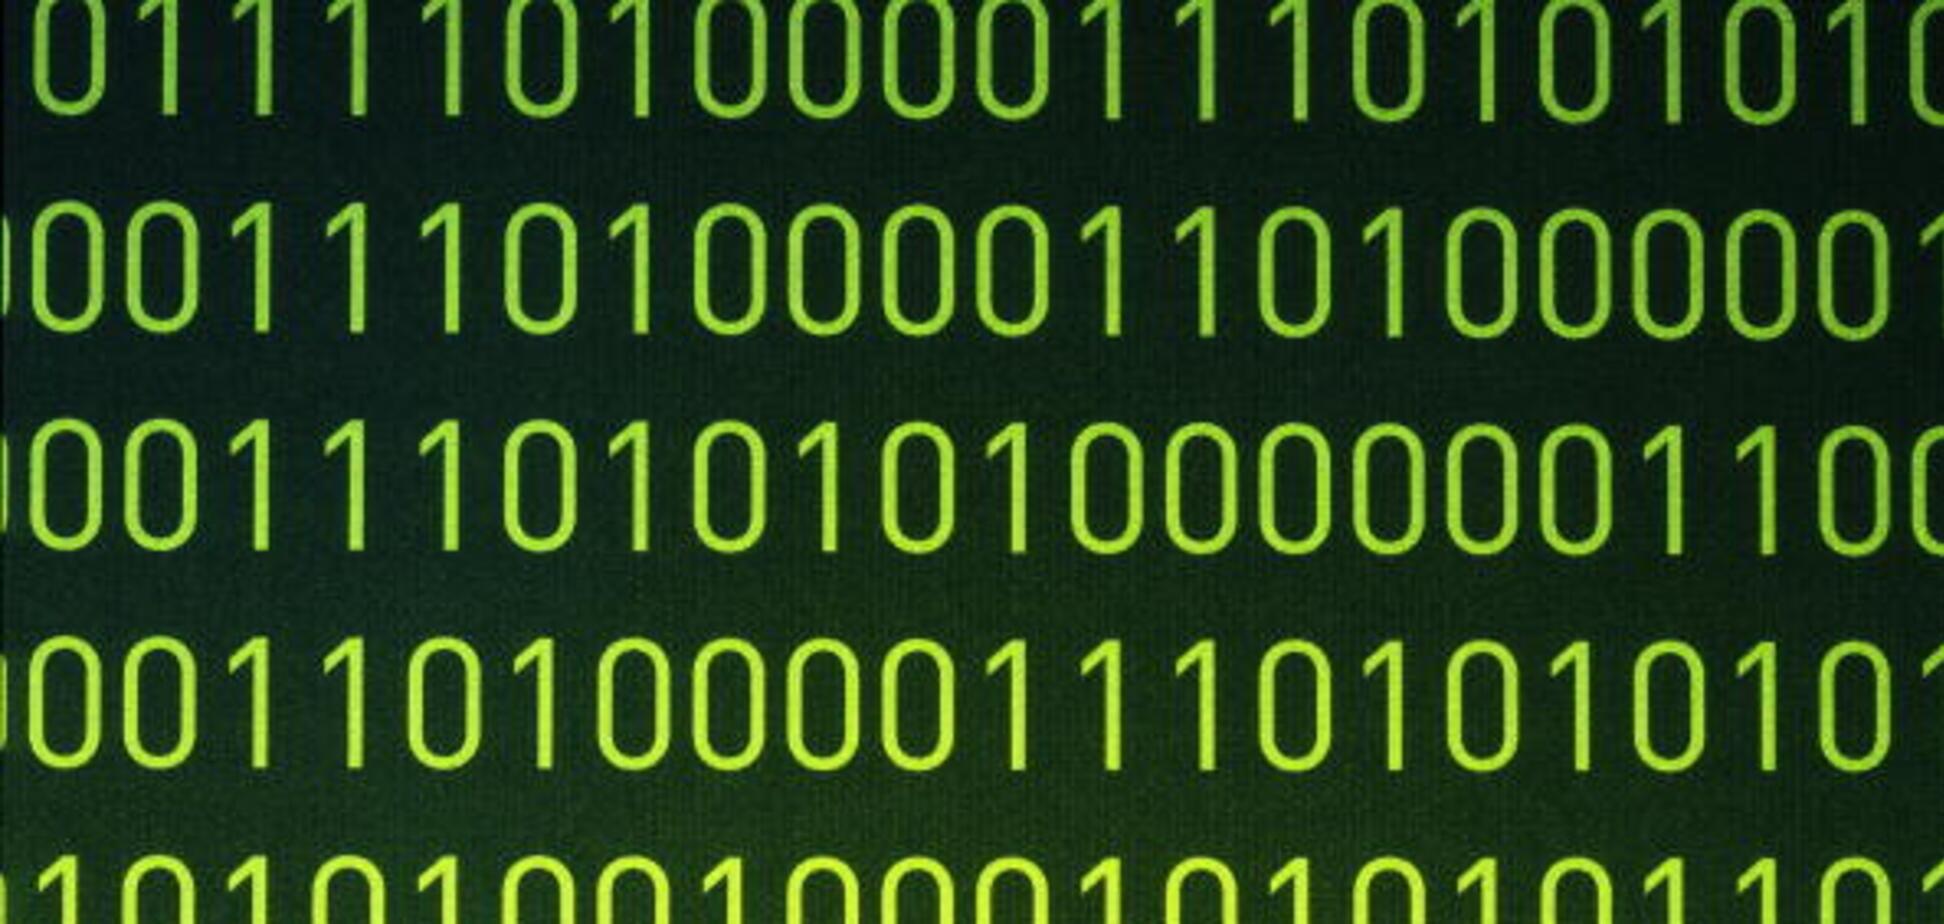 Операция 'Расплата': хакер сообщил о мощном киберударе Украины